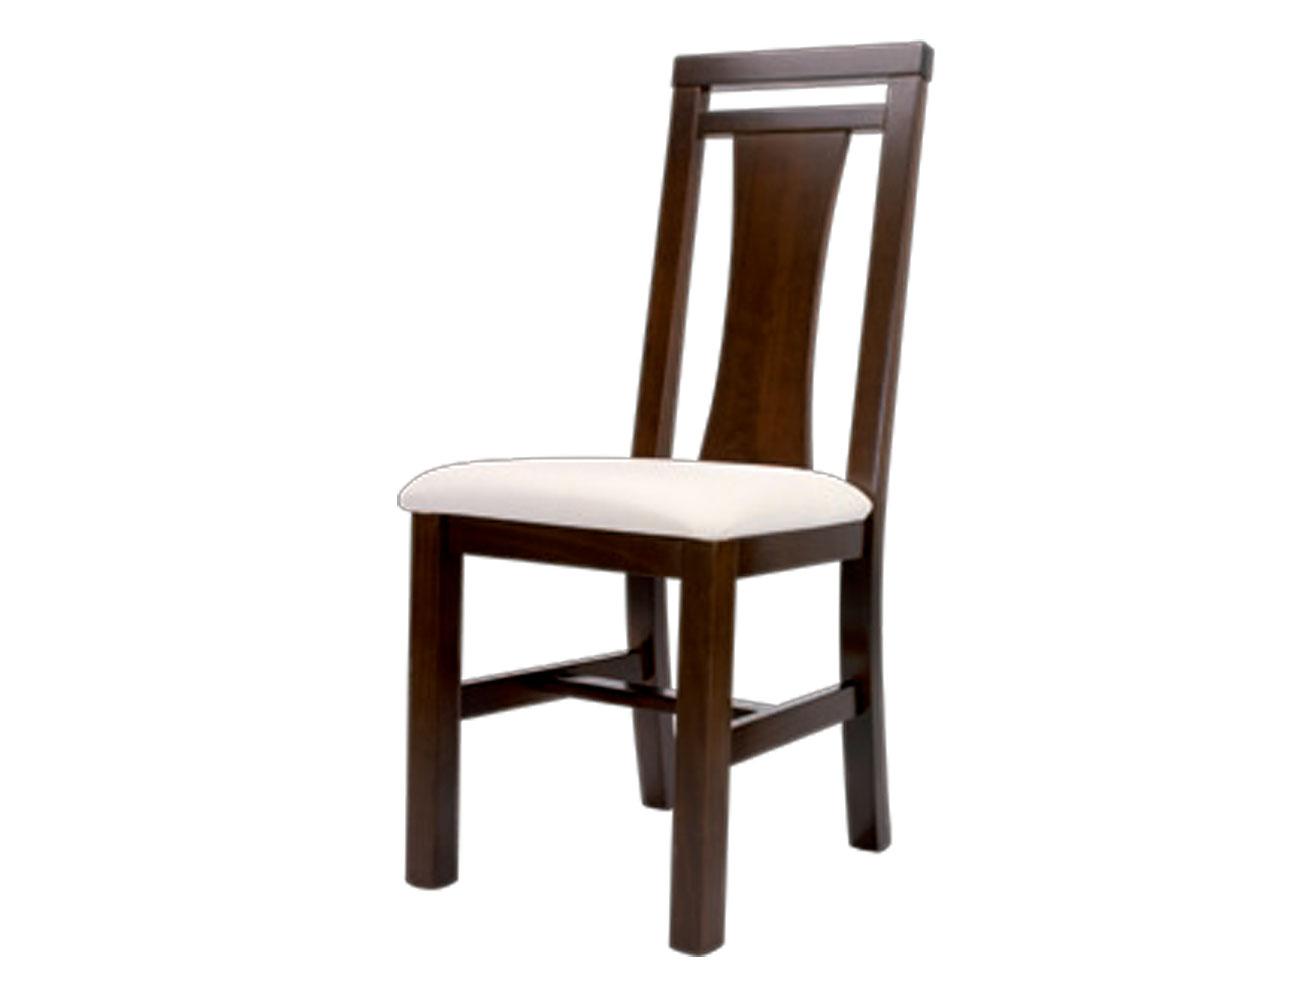 C0 55 silla madera3